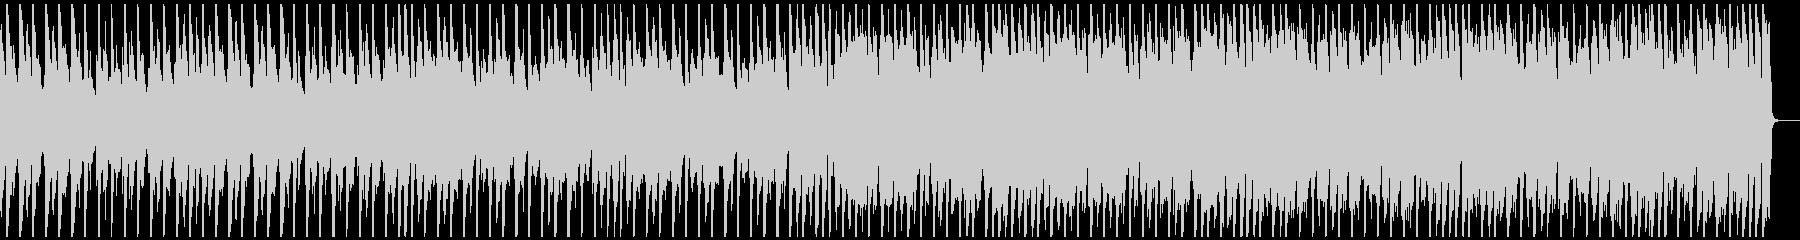 ジングルベル南国風BGMメロ&ドラム抜きの未再生の波形